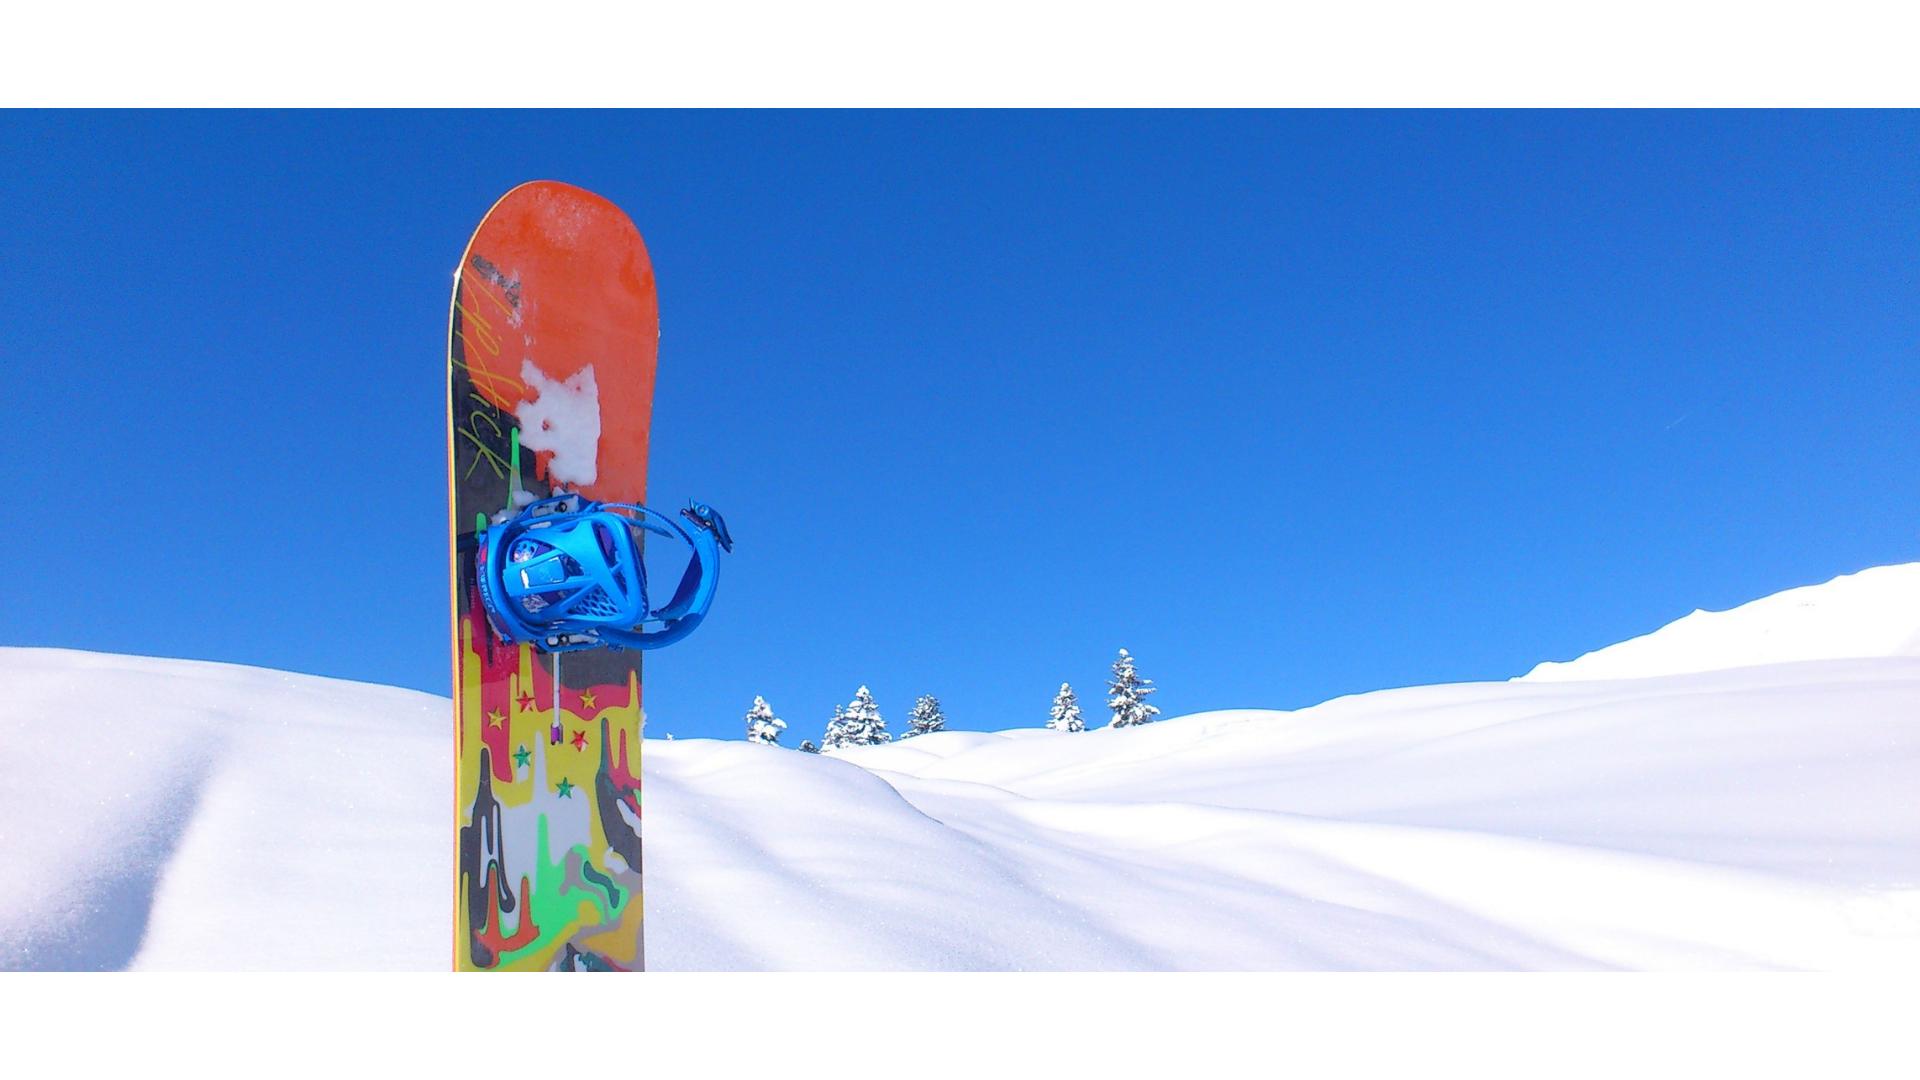 kara saplanmış snowboard görseli.